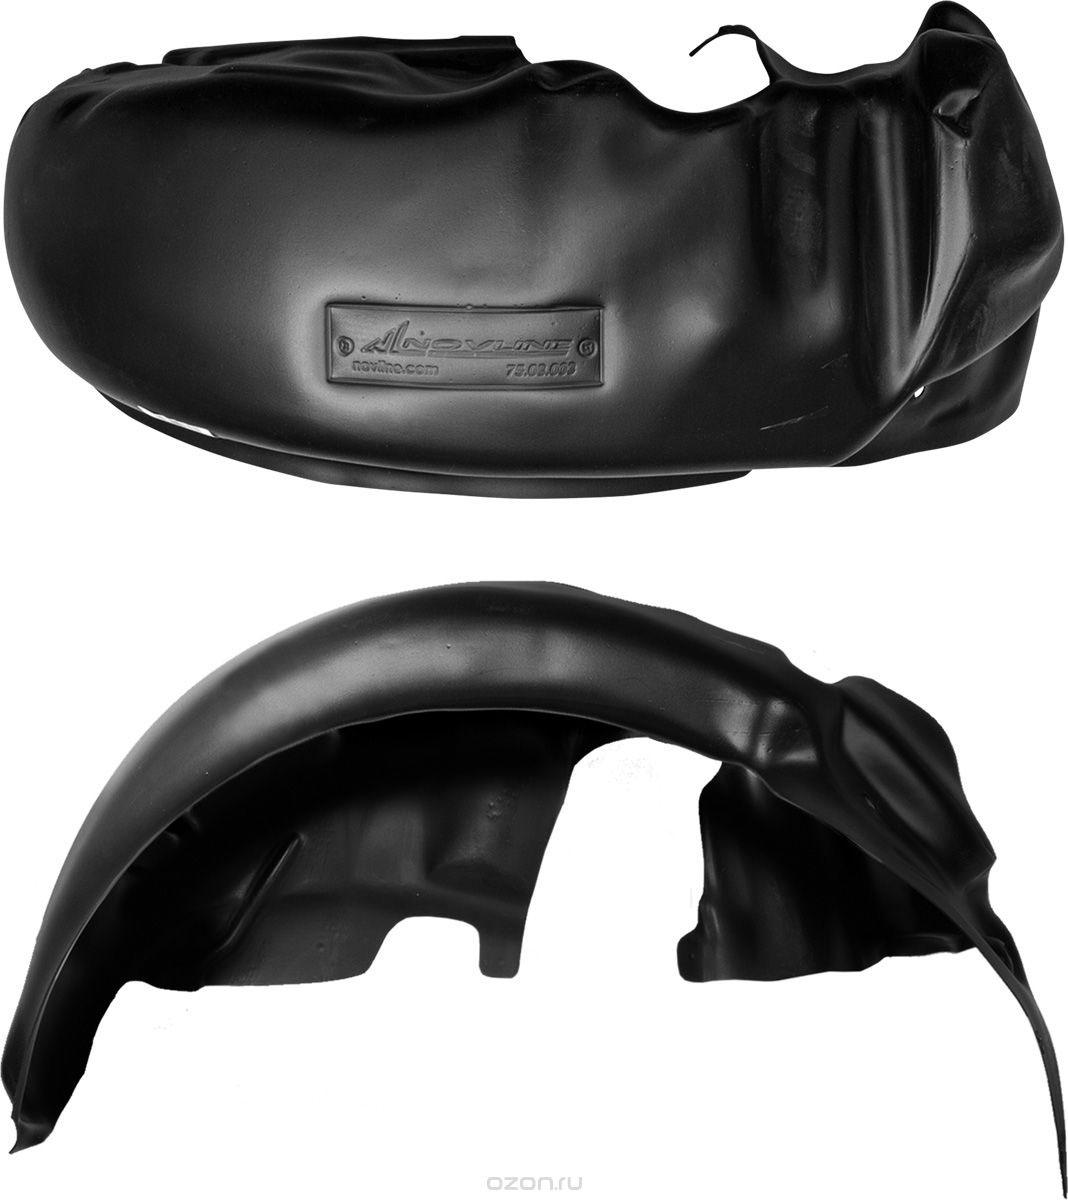 Подкрылок Novline-Autofamily, для НИВА 04/1997->, б/б, задний правый002404Идеальная защита колесной ниши. Локеры разработаны с применением цифровых технологий, гарантируют максимальную повторяемость поверхности арки. Изделия устанавливаются без нарушения лакокрасочного покрытия автомобиля, каждый подкрылок комплектуется крепежом. Уважаемые клиенты, обращаем ваше внимание, что фотографии на подкрылки универсальные и не отражают реальную форму изделия. При этом само изделие идет точно под размер указанного автомобиля.